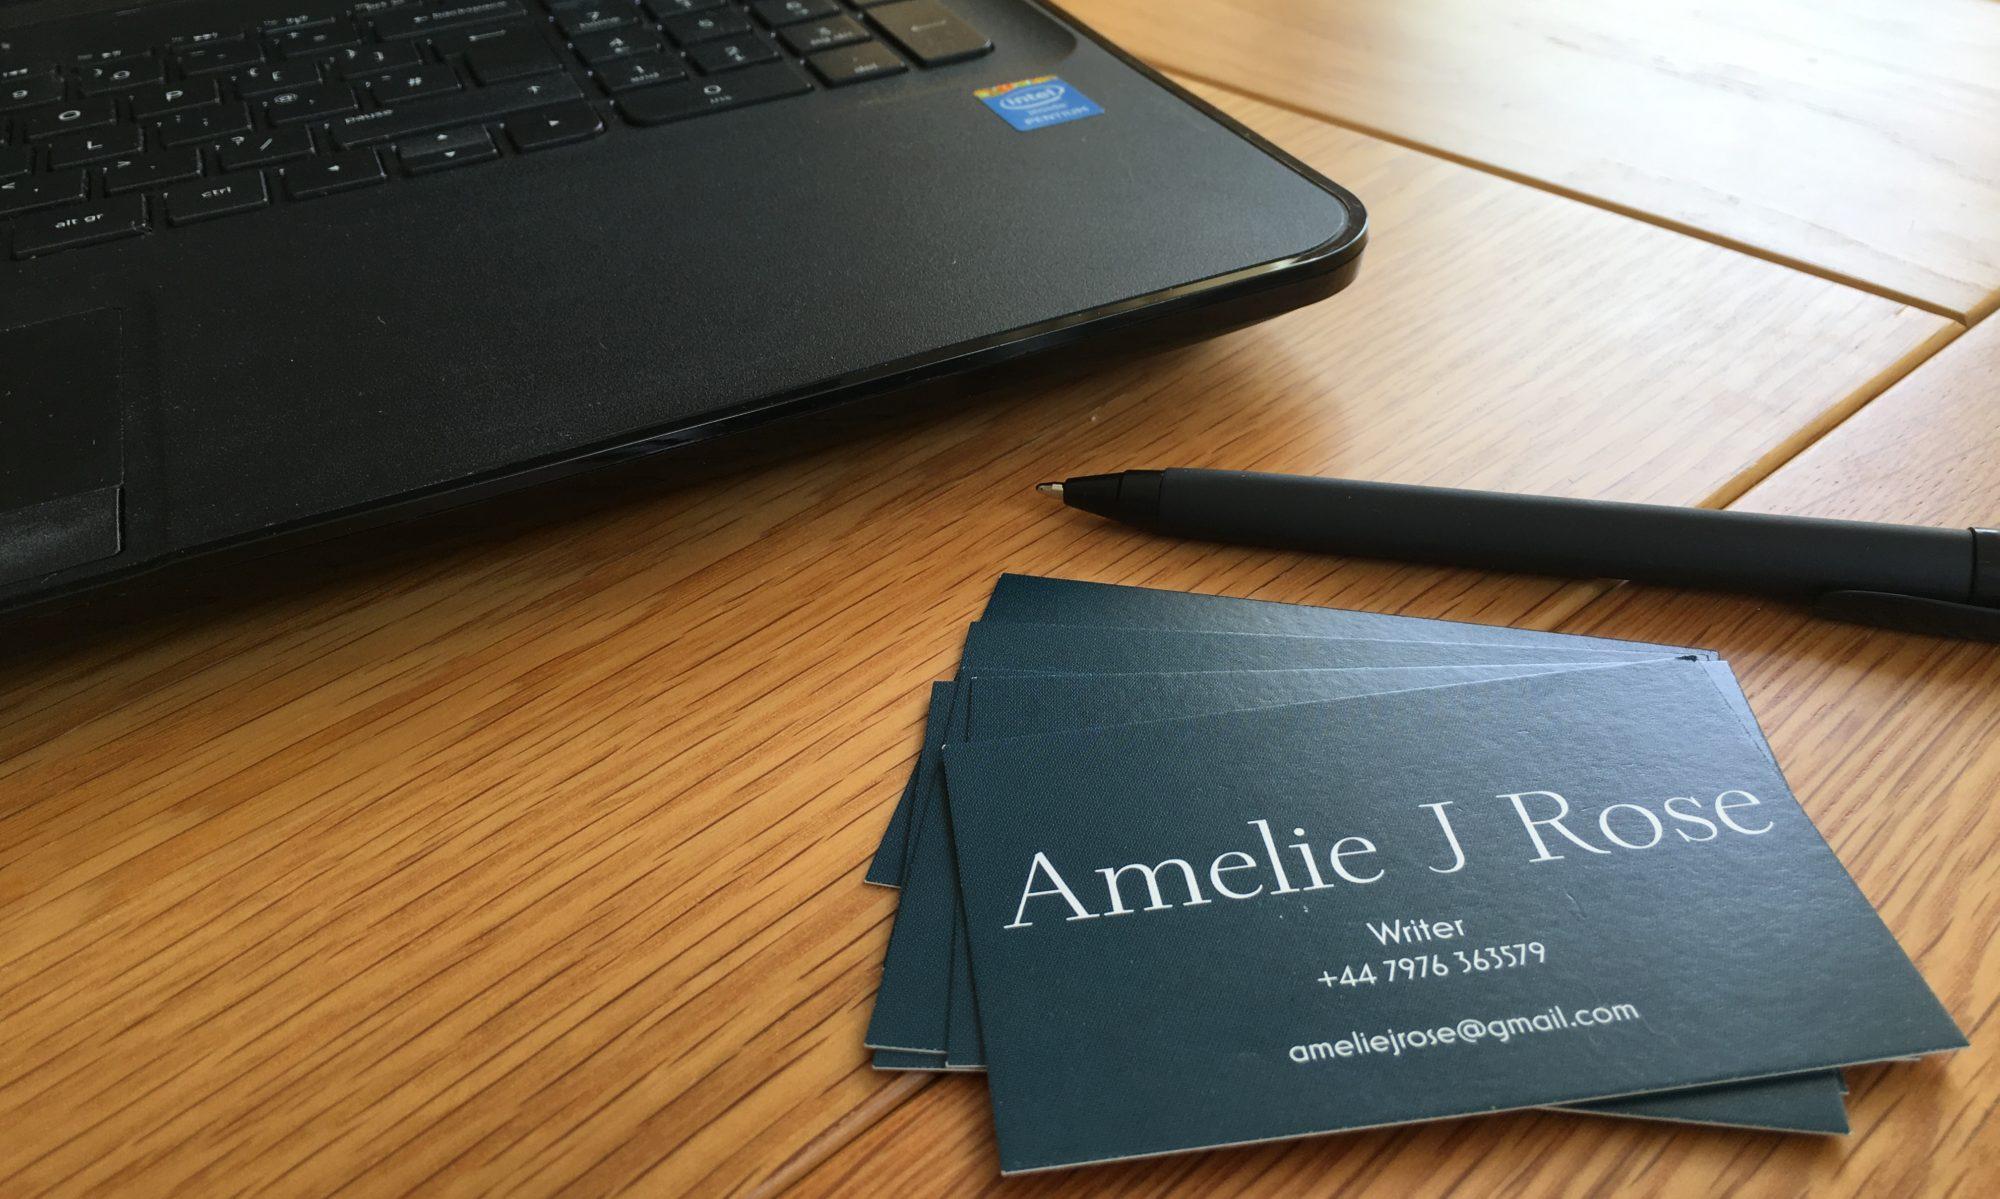 Amelie J Rose